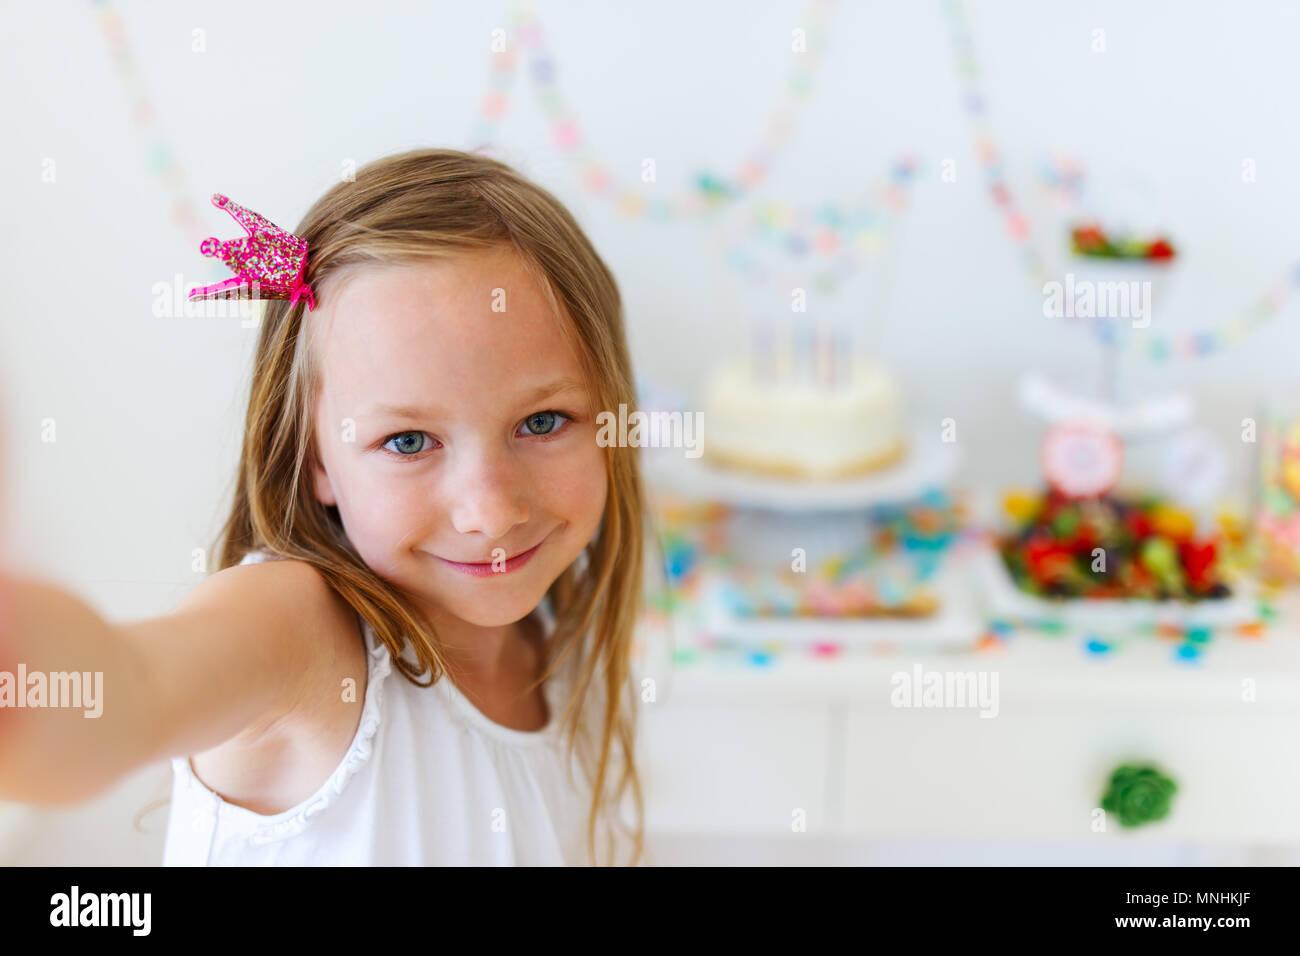 Adorabile bambina con princess crown a kids festa di compleanno tenendo selfie Immagini Stock